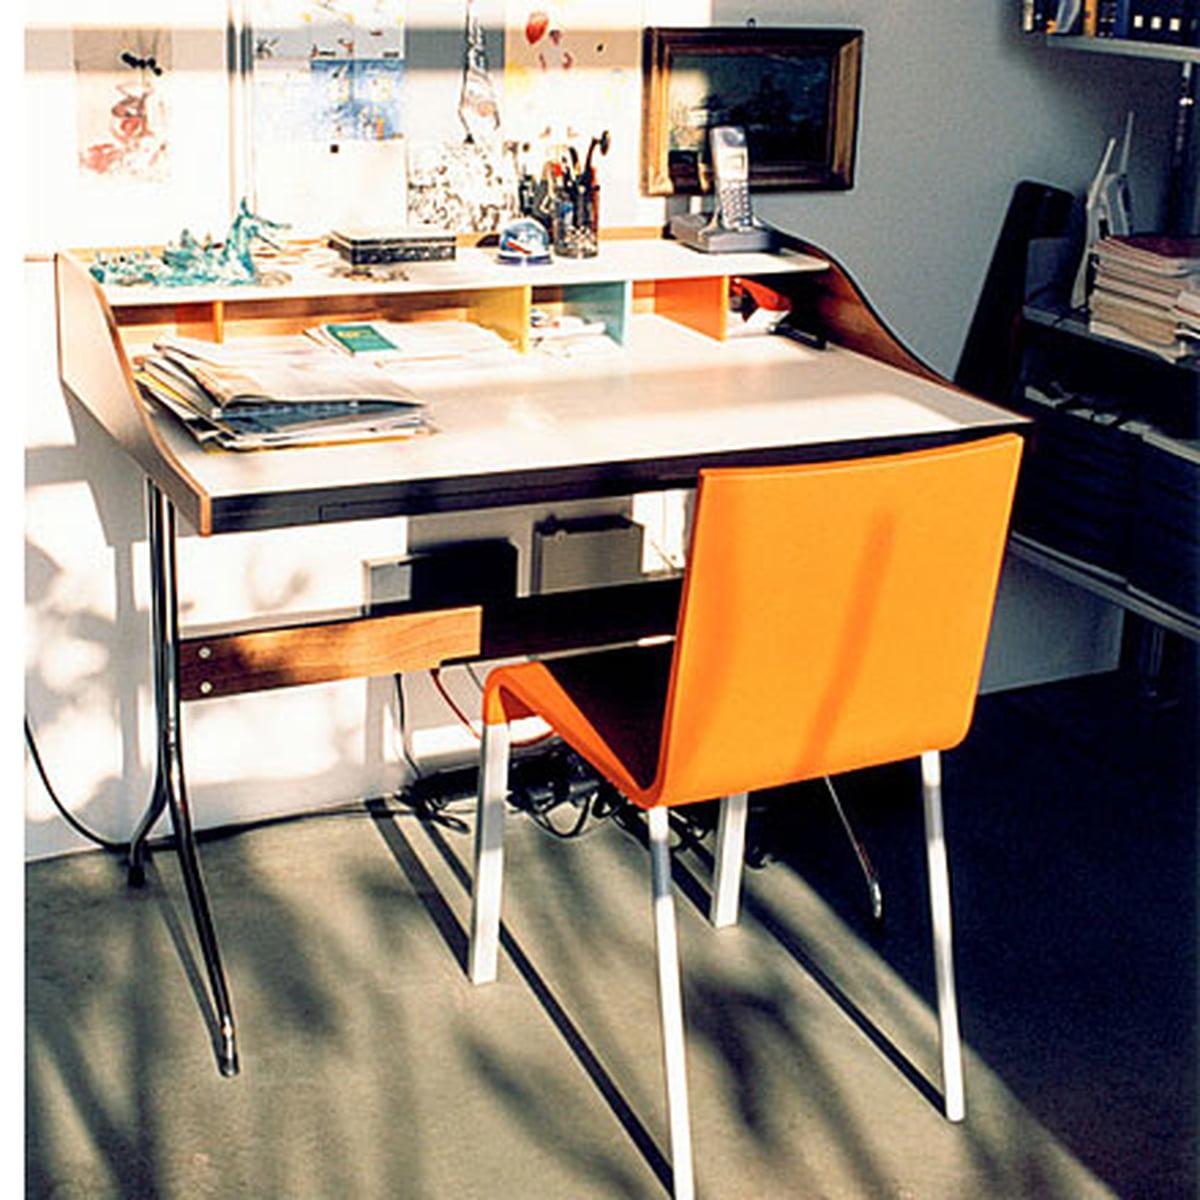 Home desk vitra shop for Thonet stuhle ubersicht